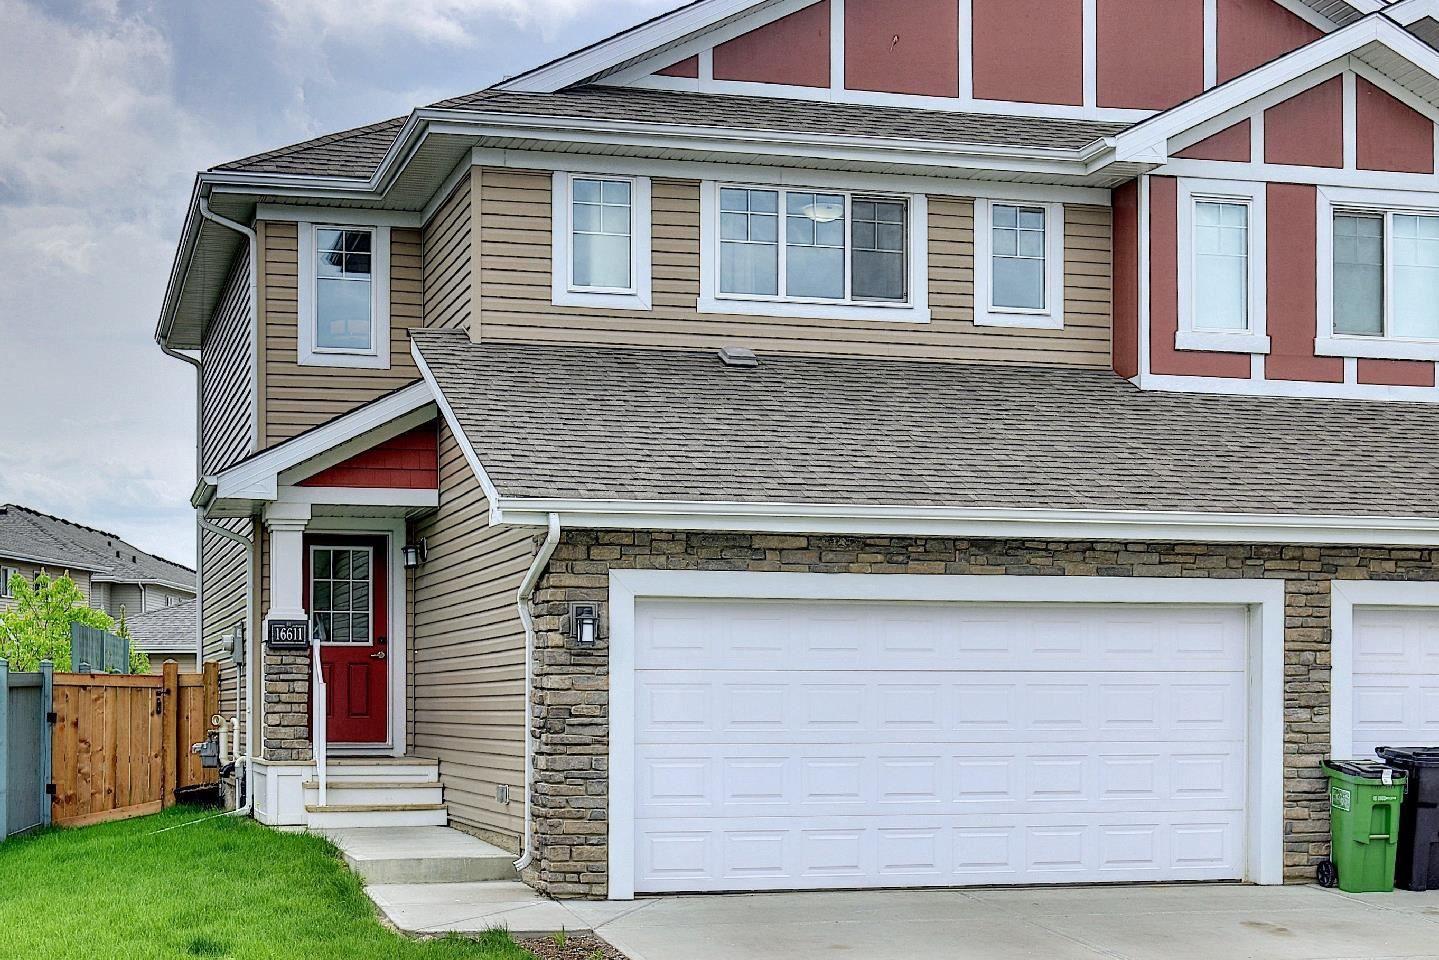 Main Photo: 16611 14 Avenue in Edmonton: Zone 56 House Half Duplex for sale : MLS®# E4248424